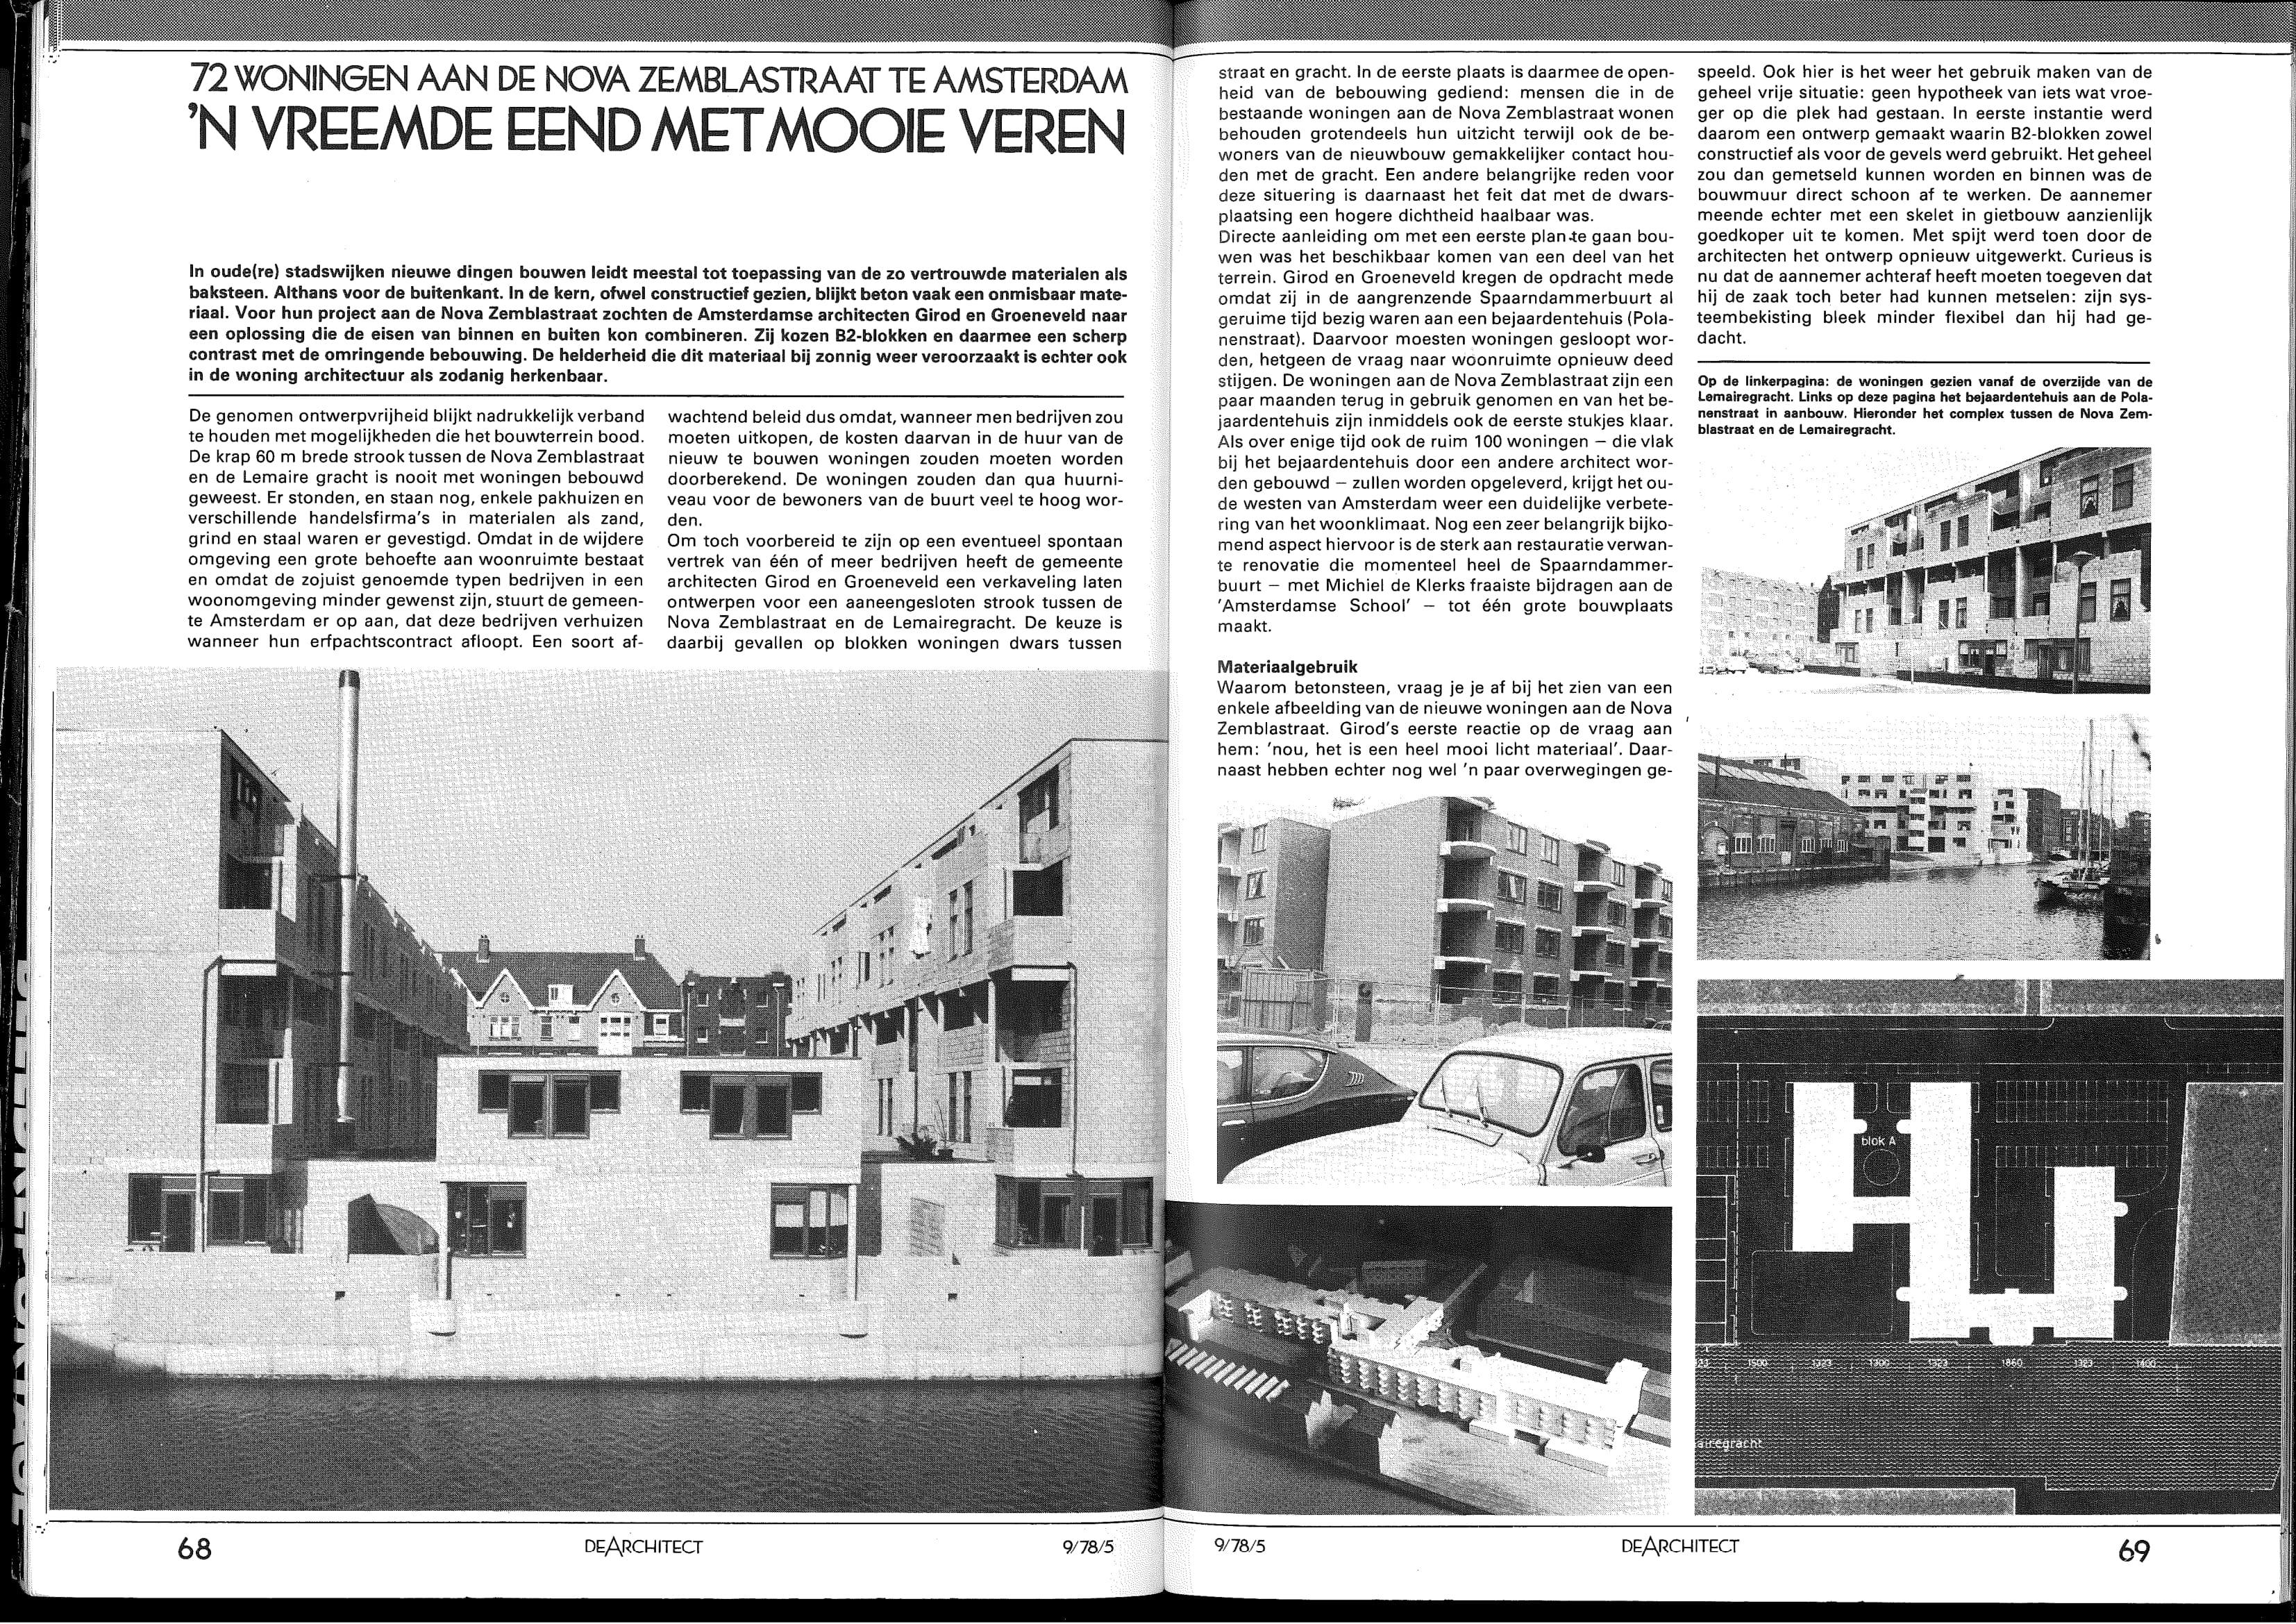 <p>72 woningen aan de Nova Zemblastraat Amsterdam door Girod en Groeneveld, door Cees Zwinkels</p>